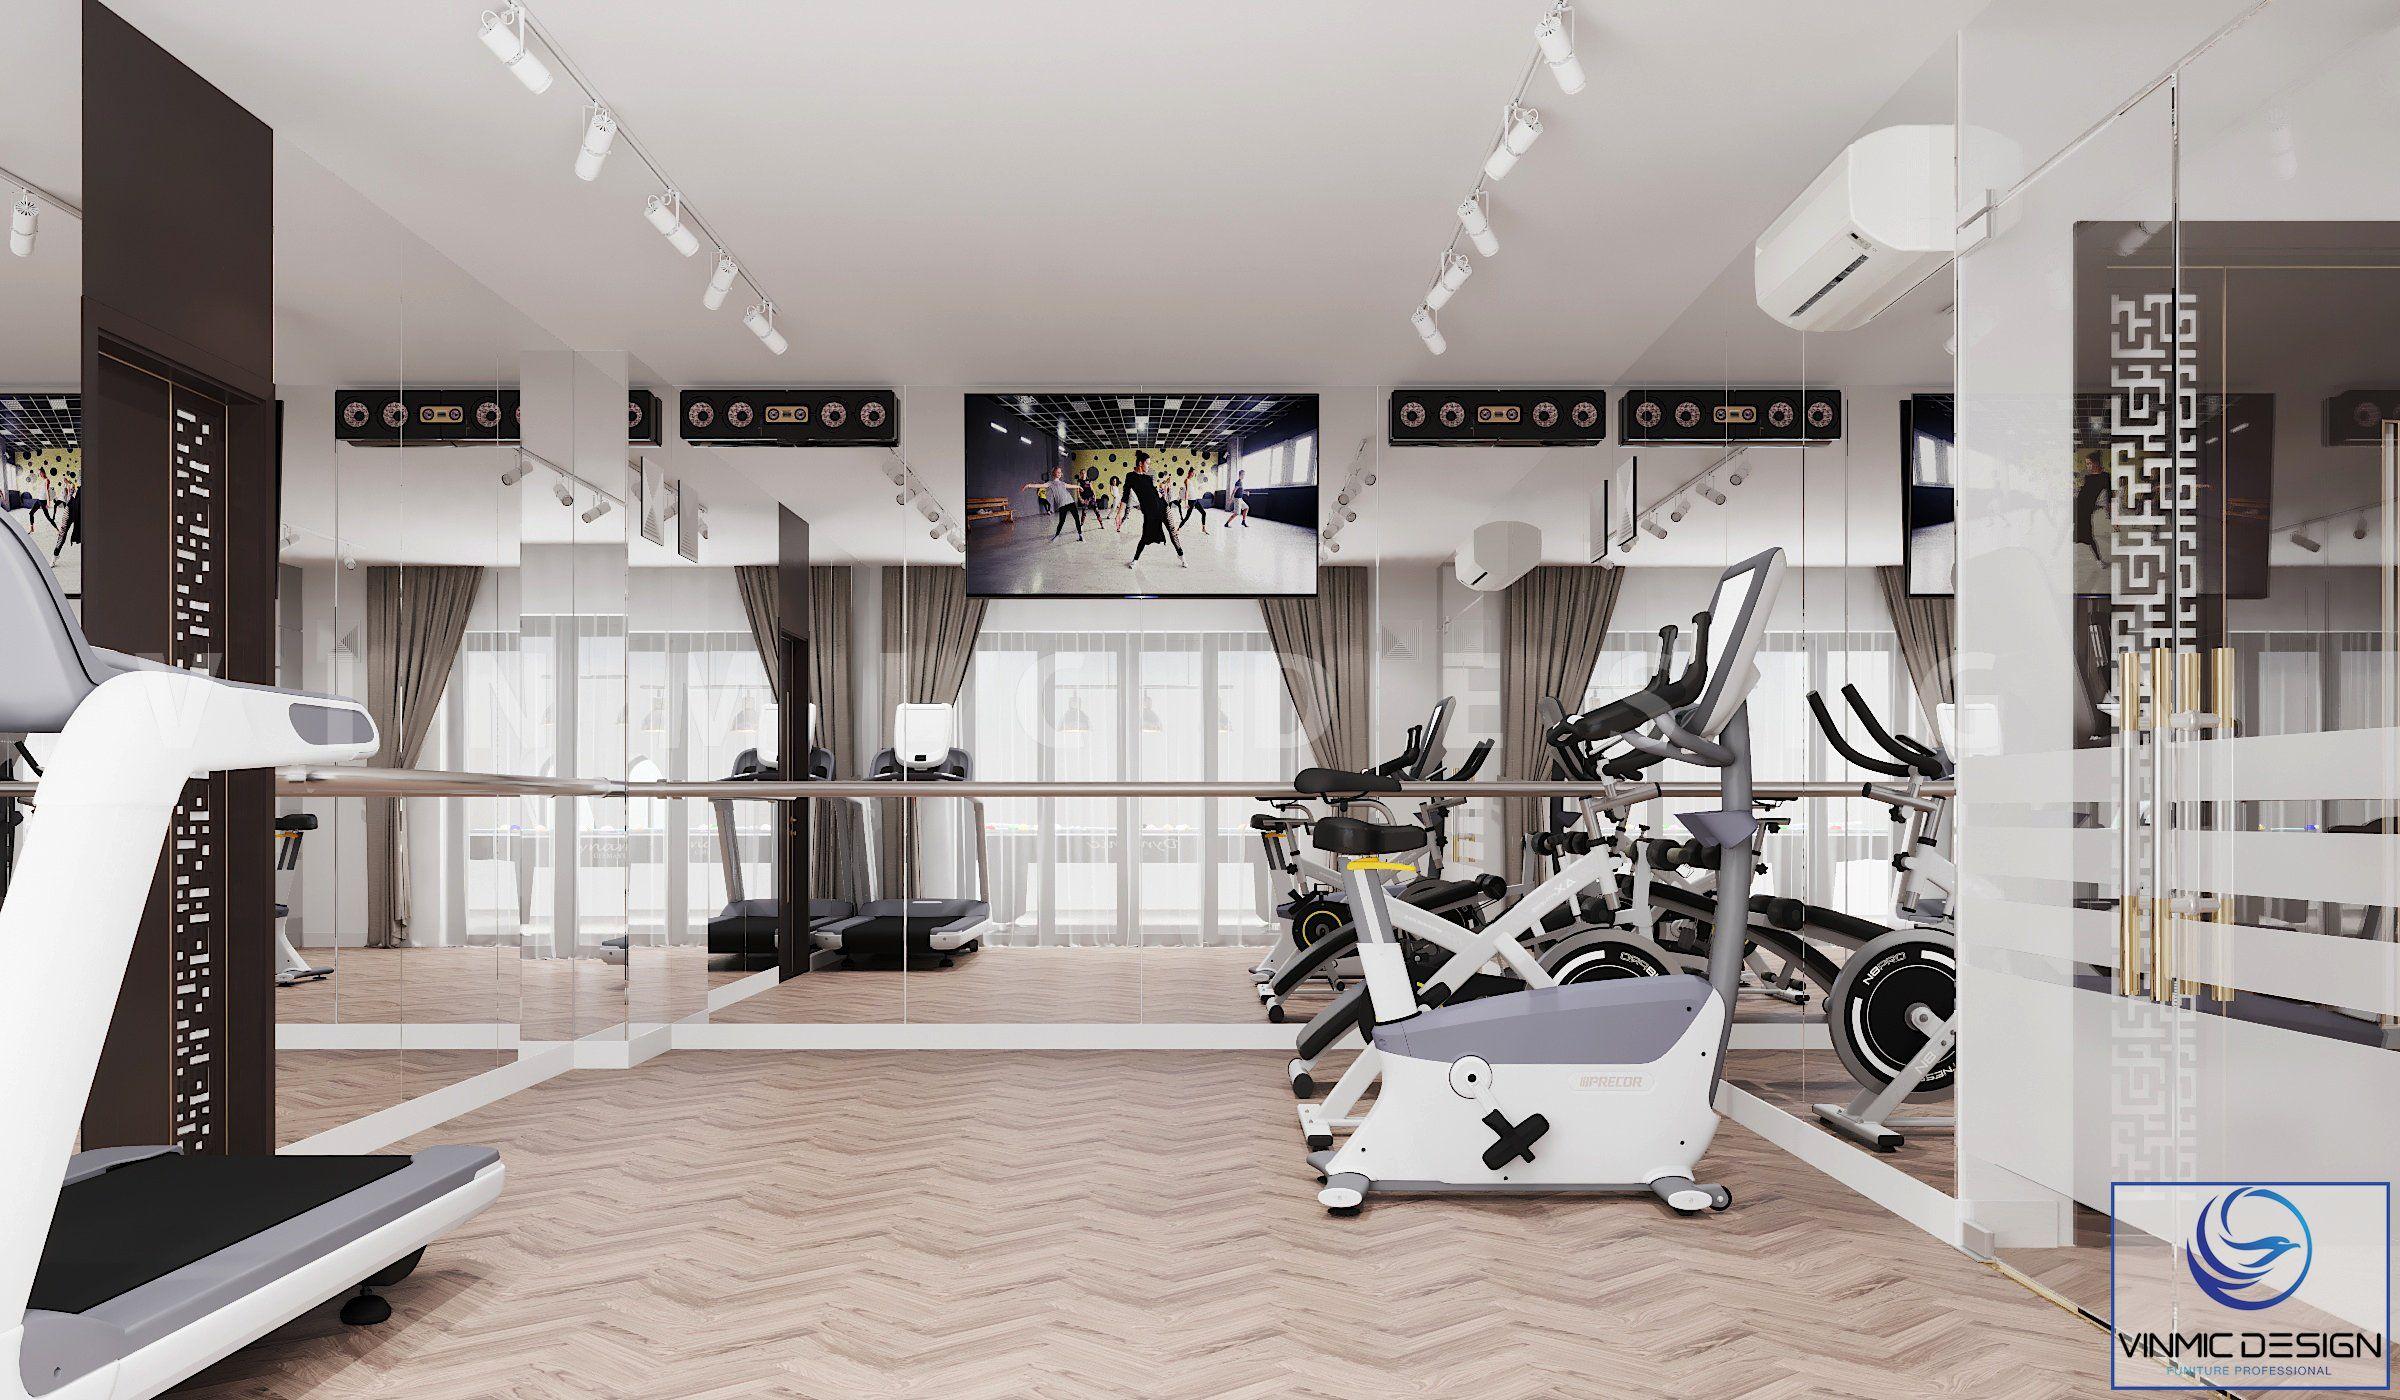 Thiết kế phòng tập gym tiện lợi tại biệt thự Vinhomes Imperia Hải Phòng